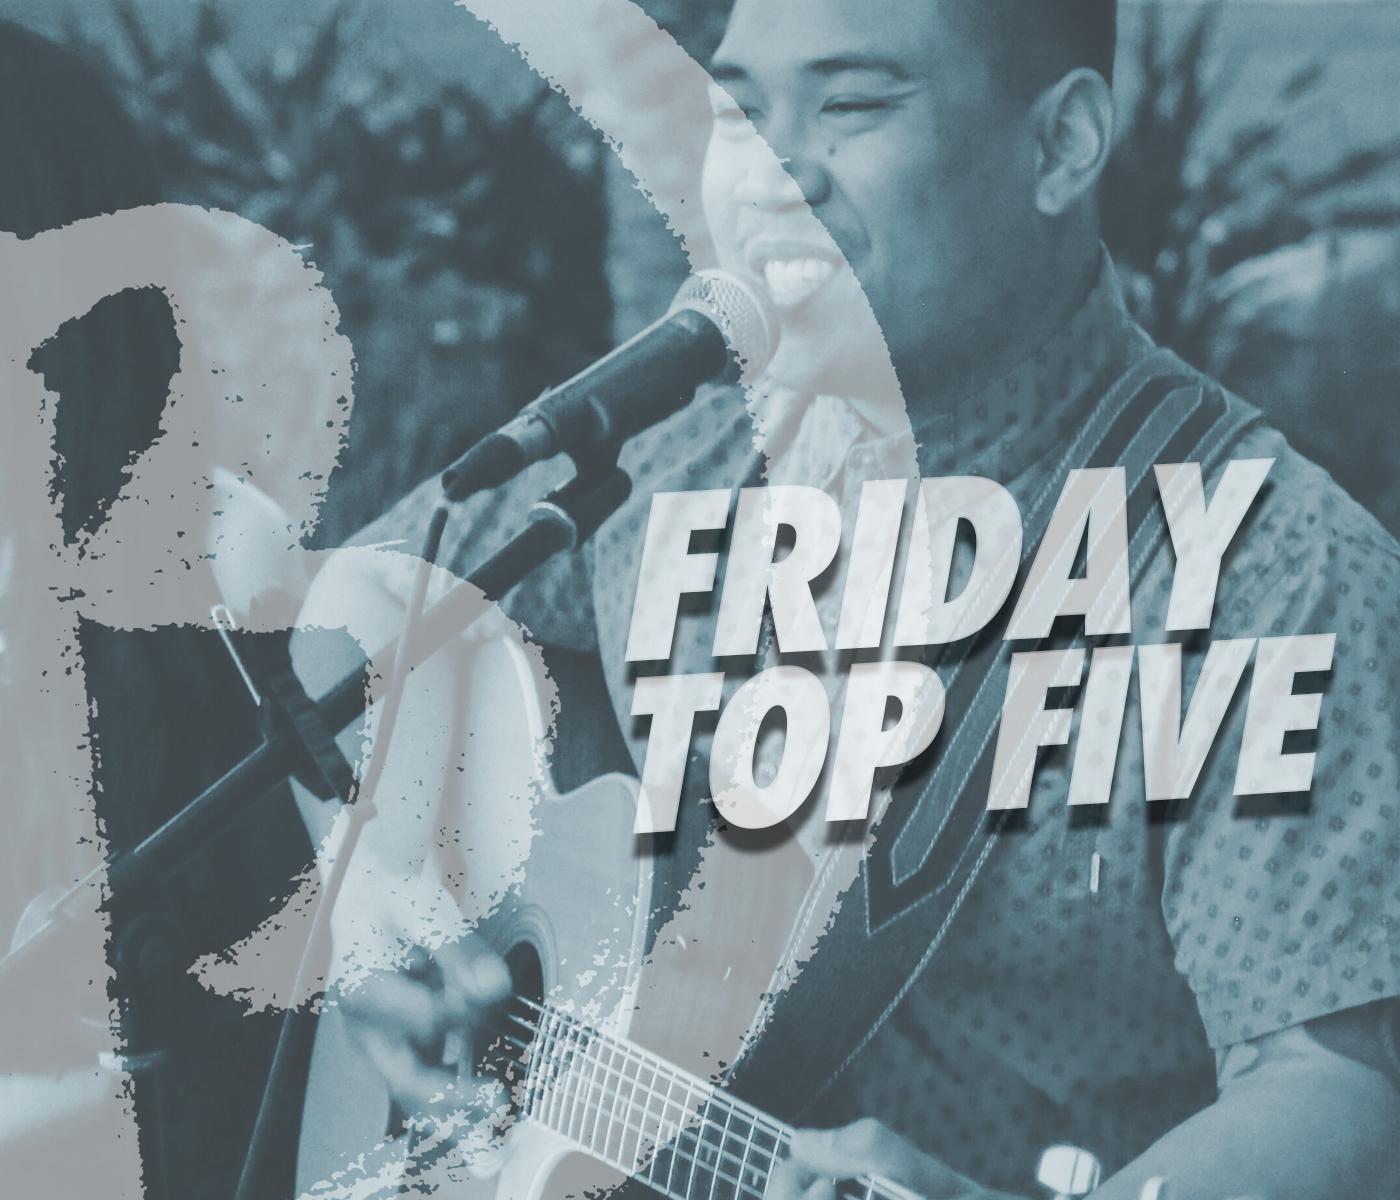 Feautred-FridayTopFive-Acoustic-berg.jpg